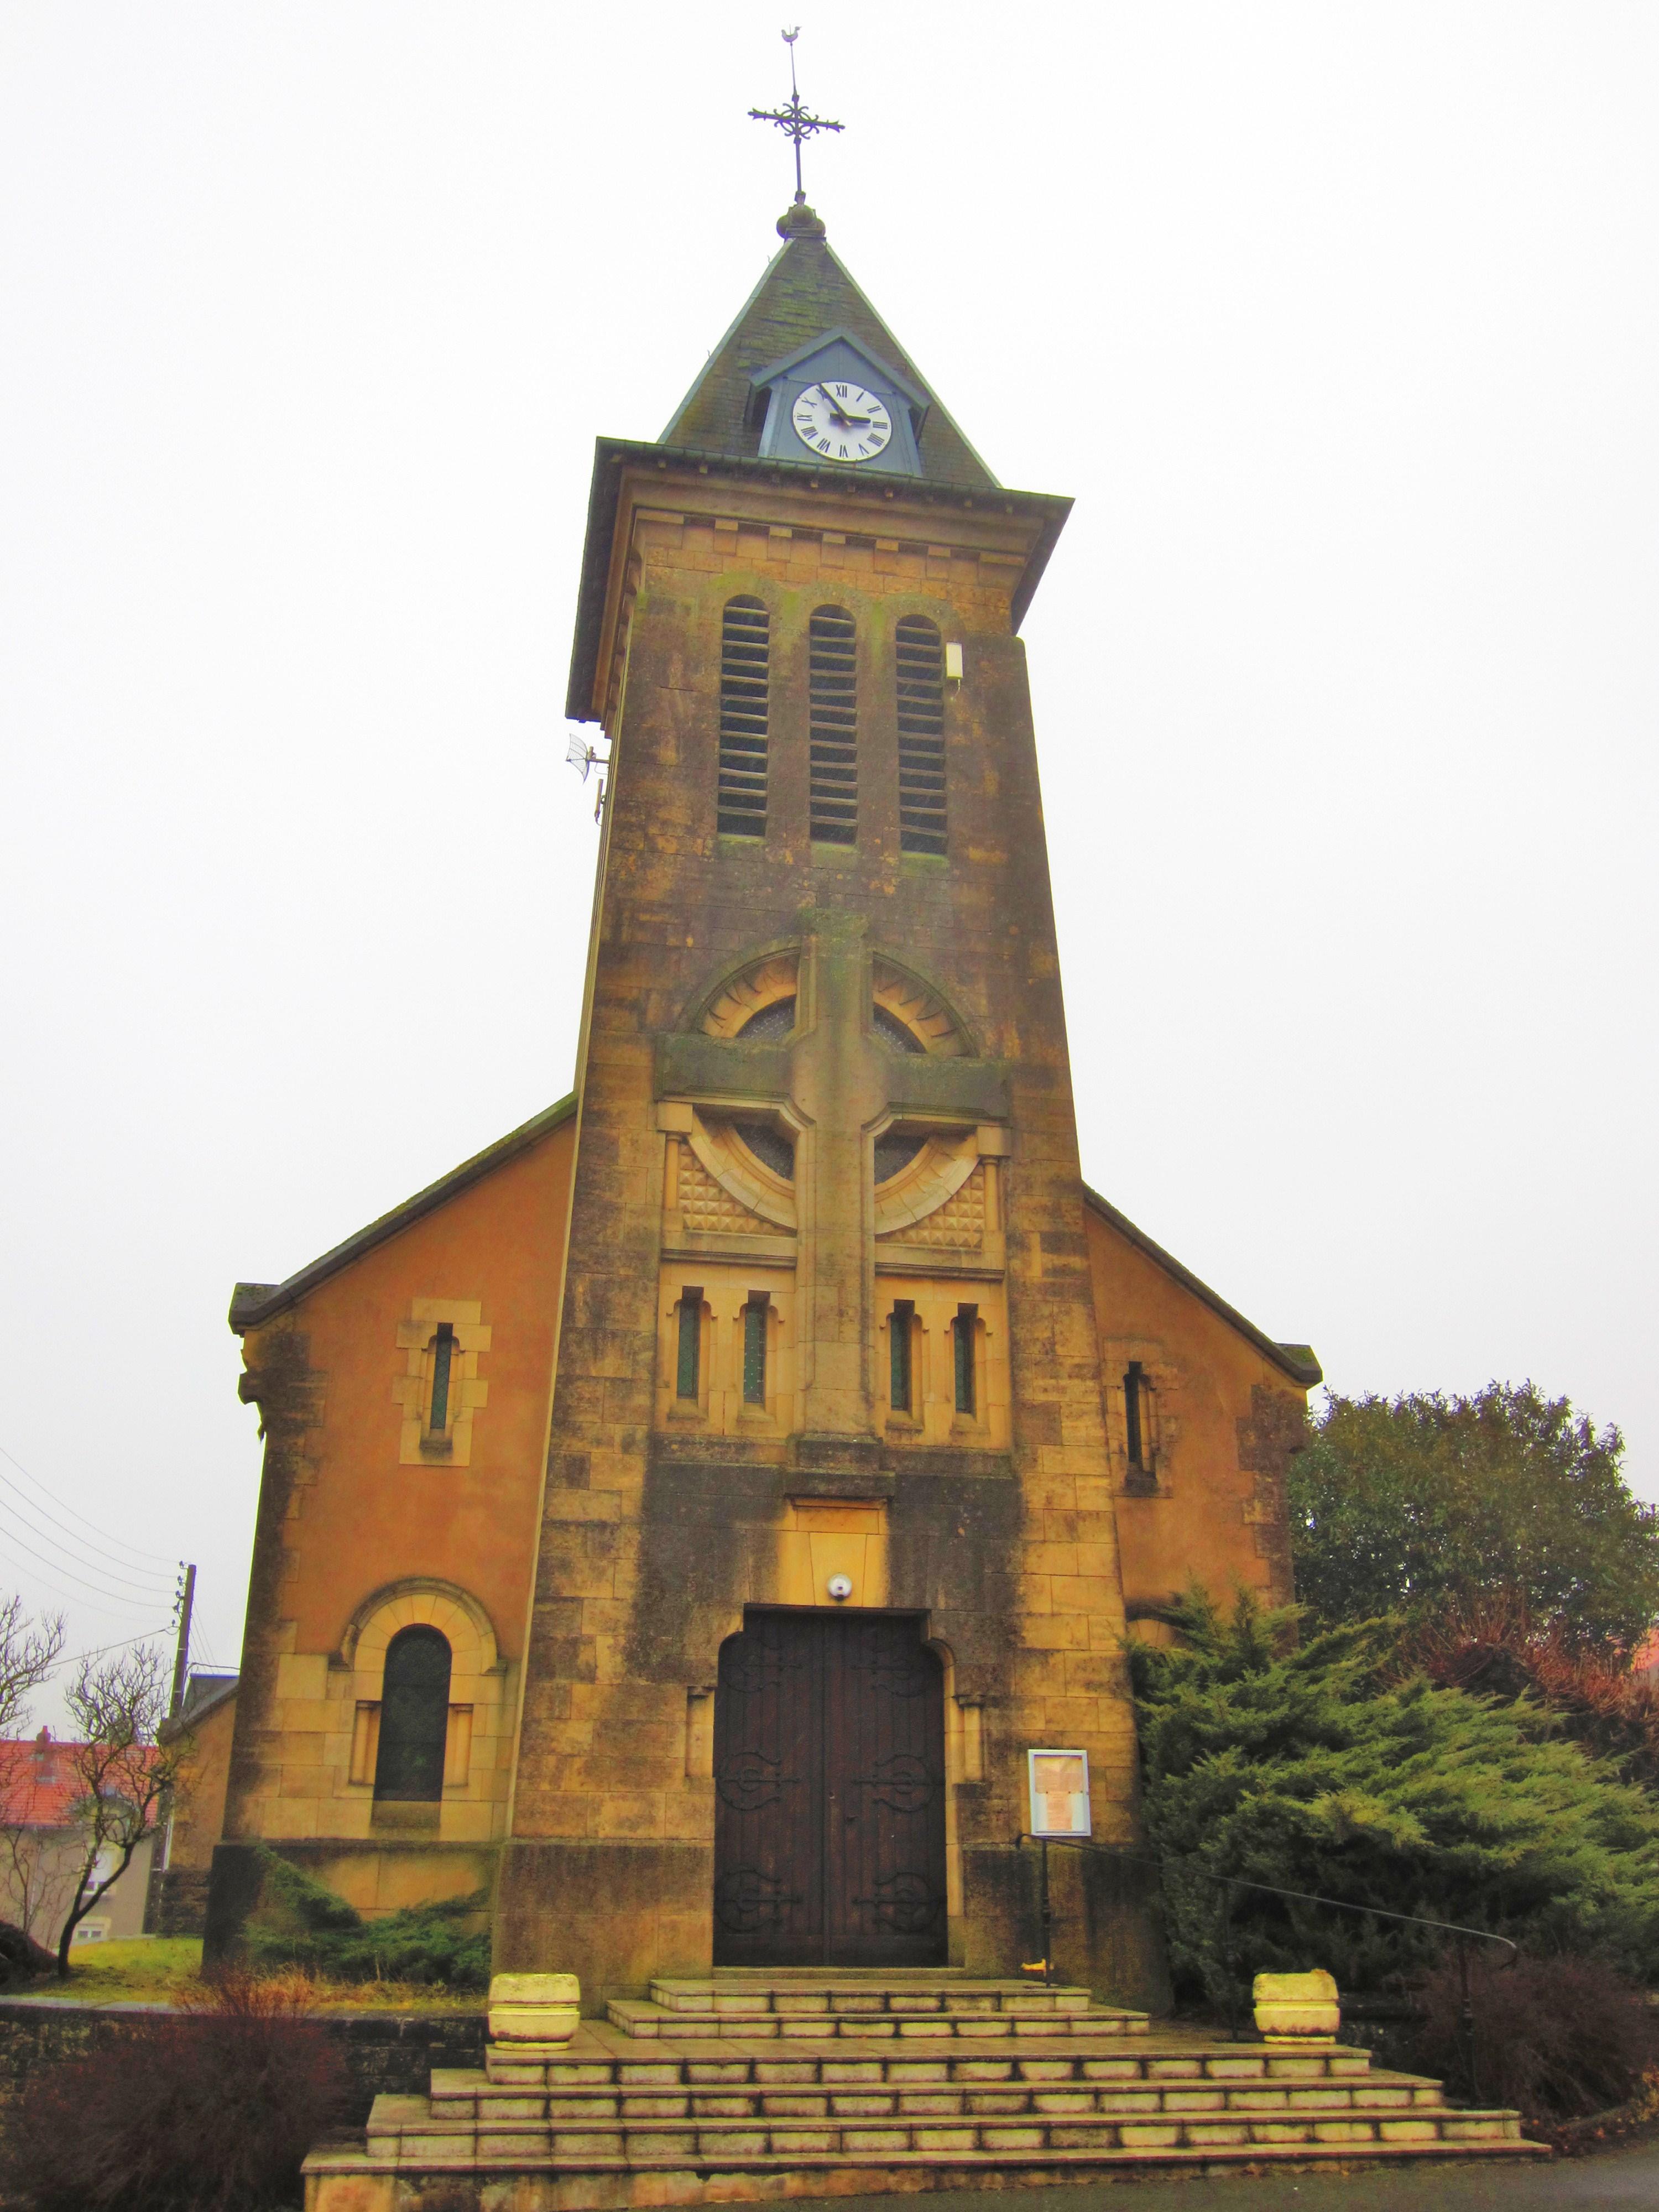 Doncourt-lès-Longuyon